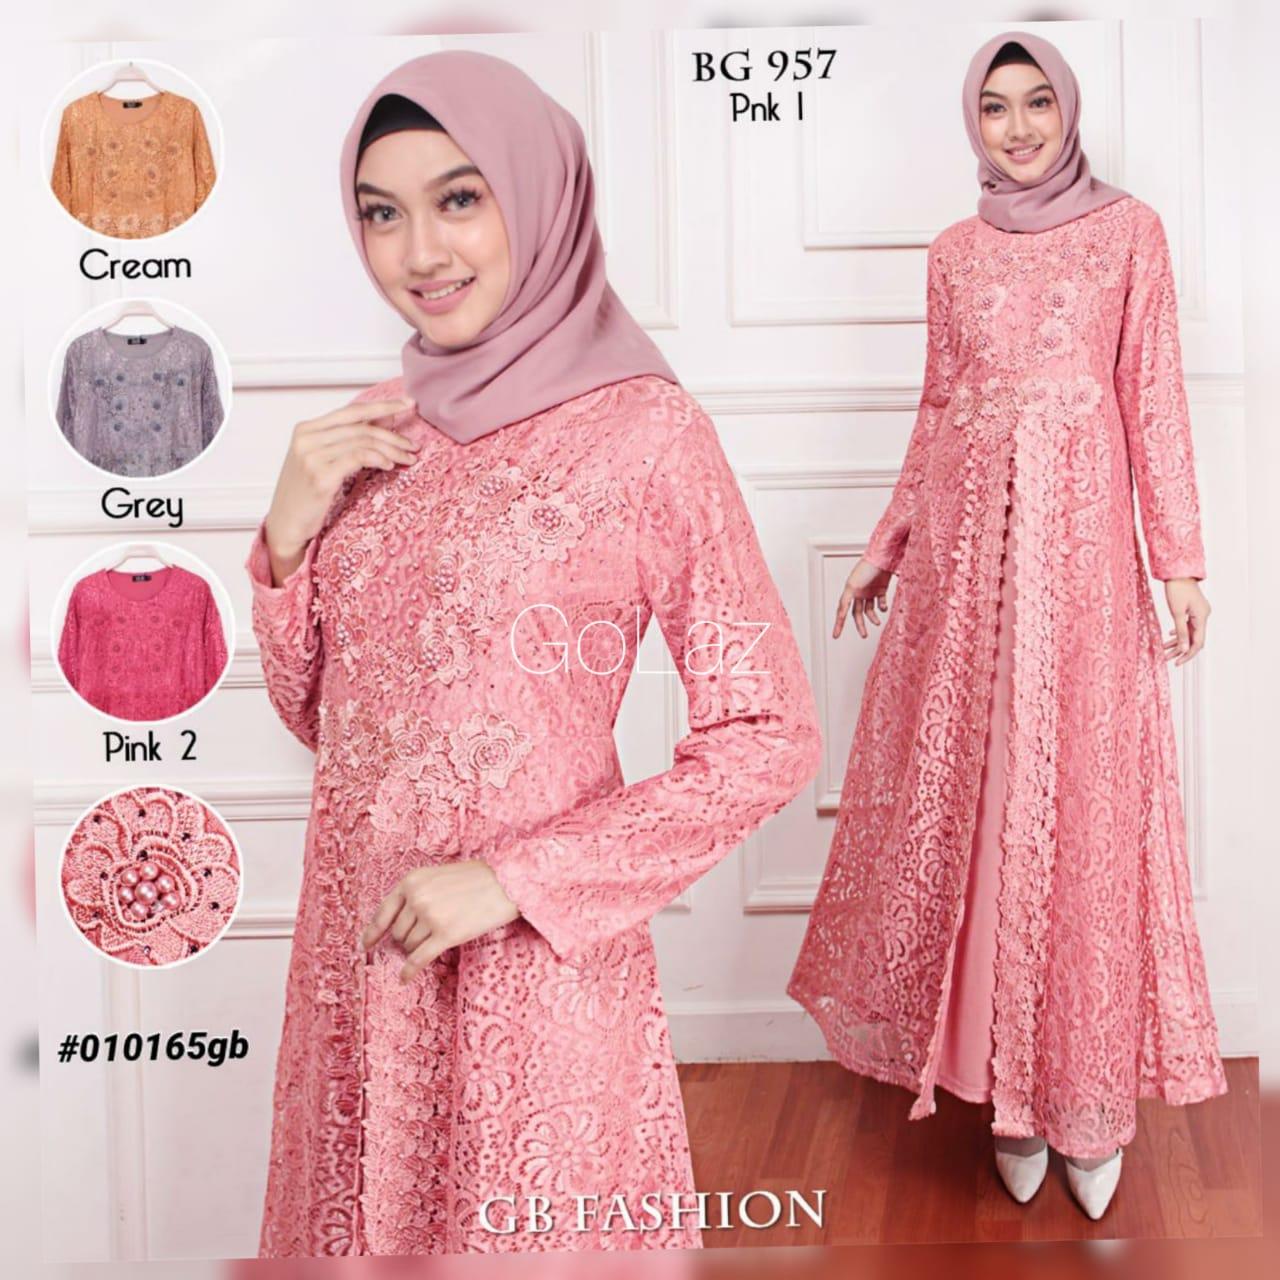 Golaz Gamis Brokat Bunga Bunga Full Brokat Baju Muslim Wanita 957 Lazada Indonesia